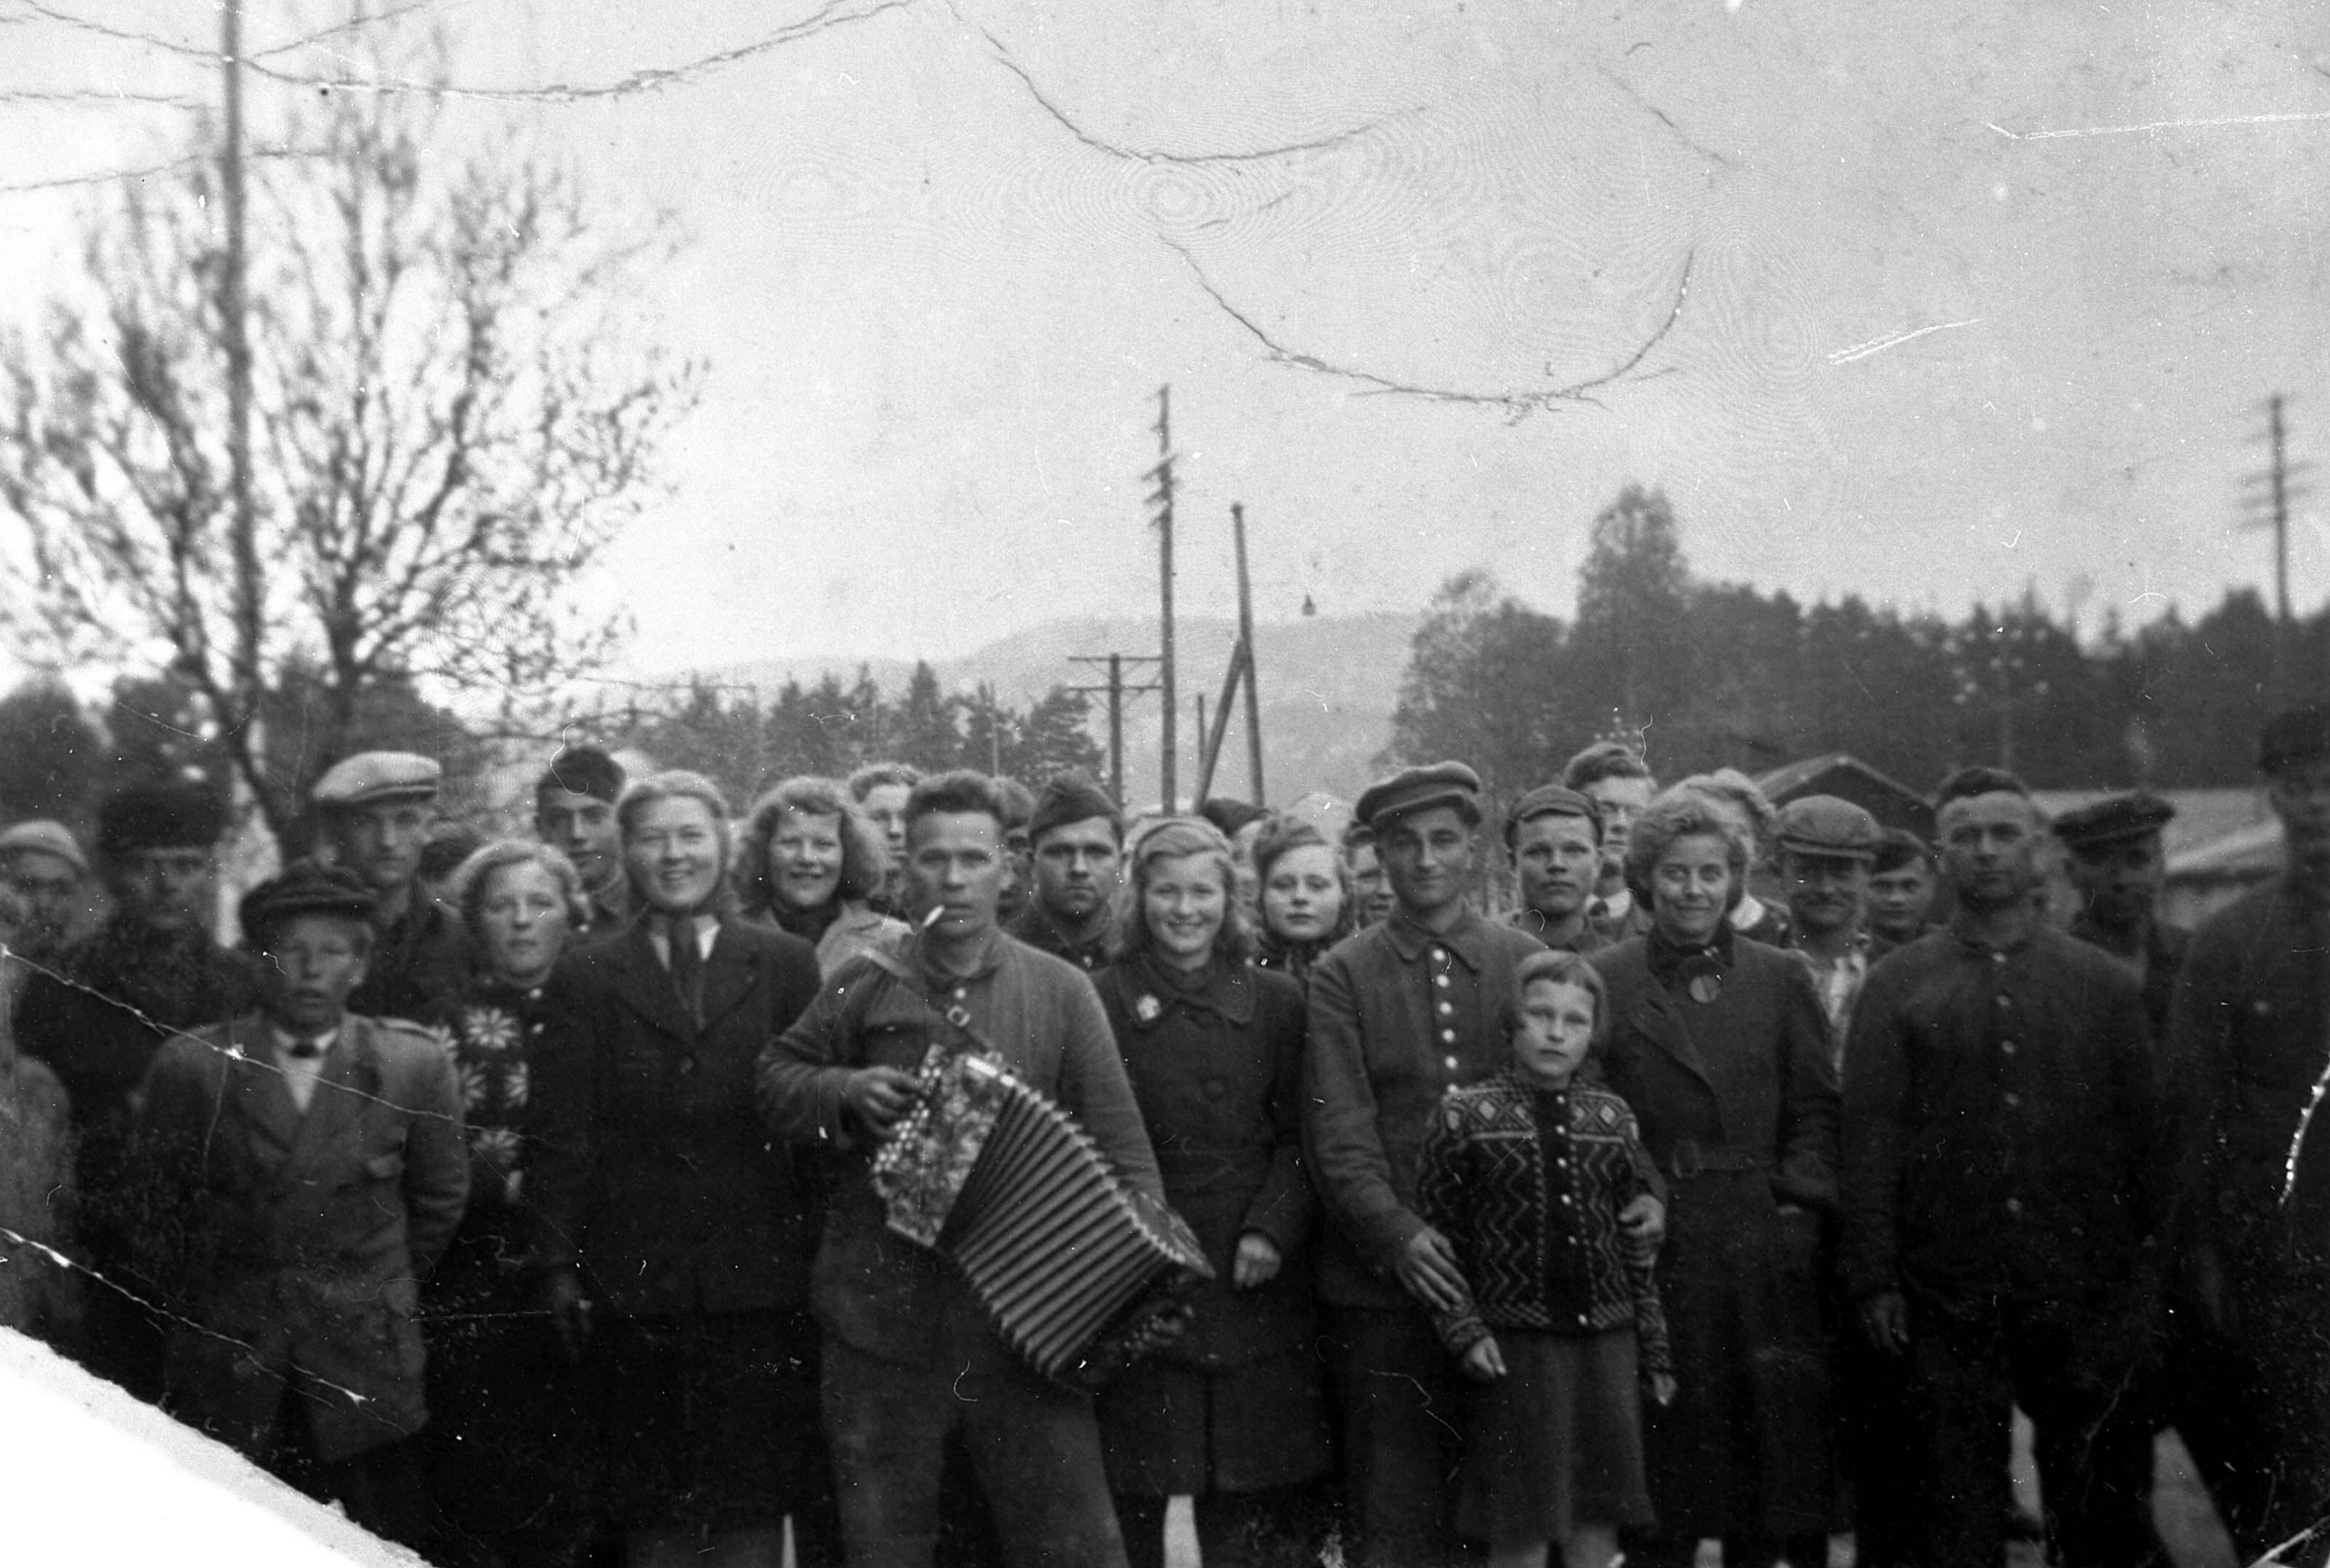 Annen bruk enn artikkel om Setesdalsbanen under krigen må avtales med Alf G. Kjetsaa.